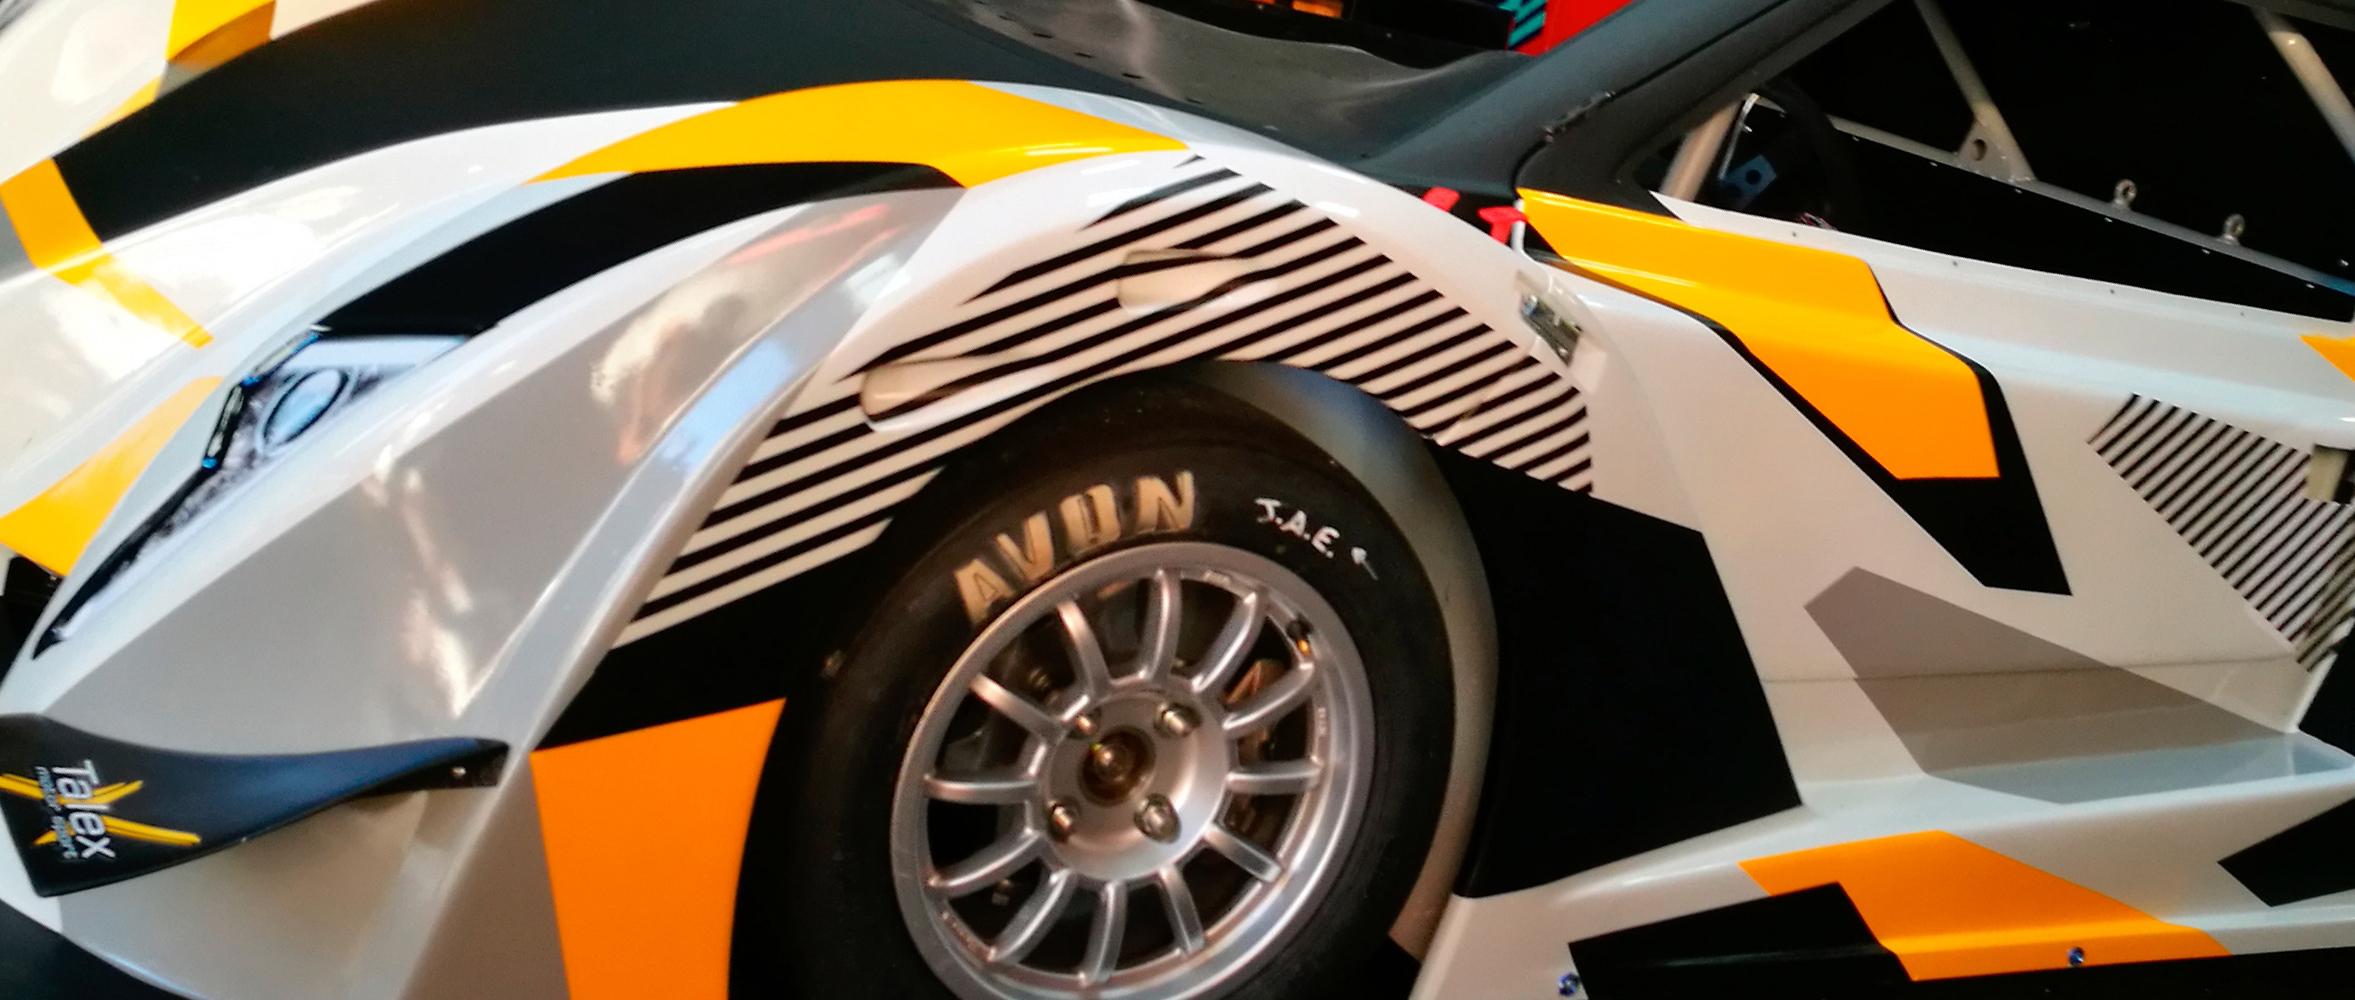 rotulacion coche de carreras subidas cm